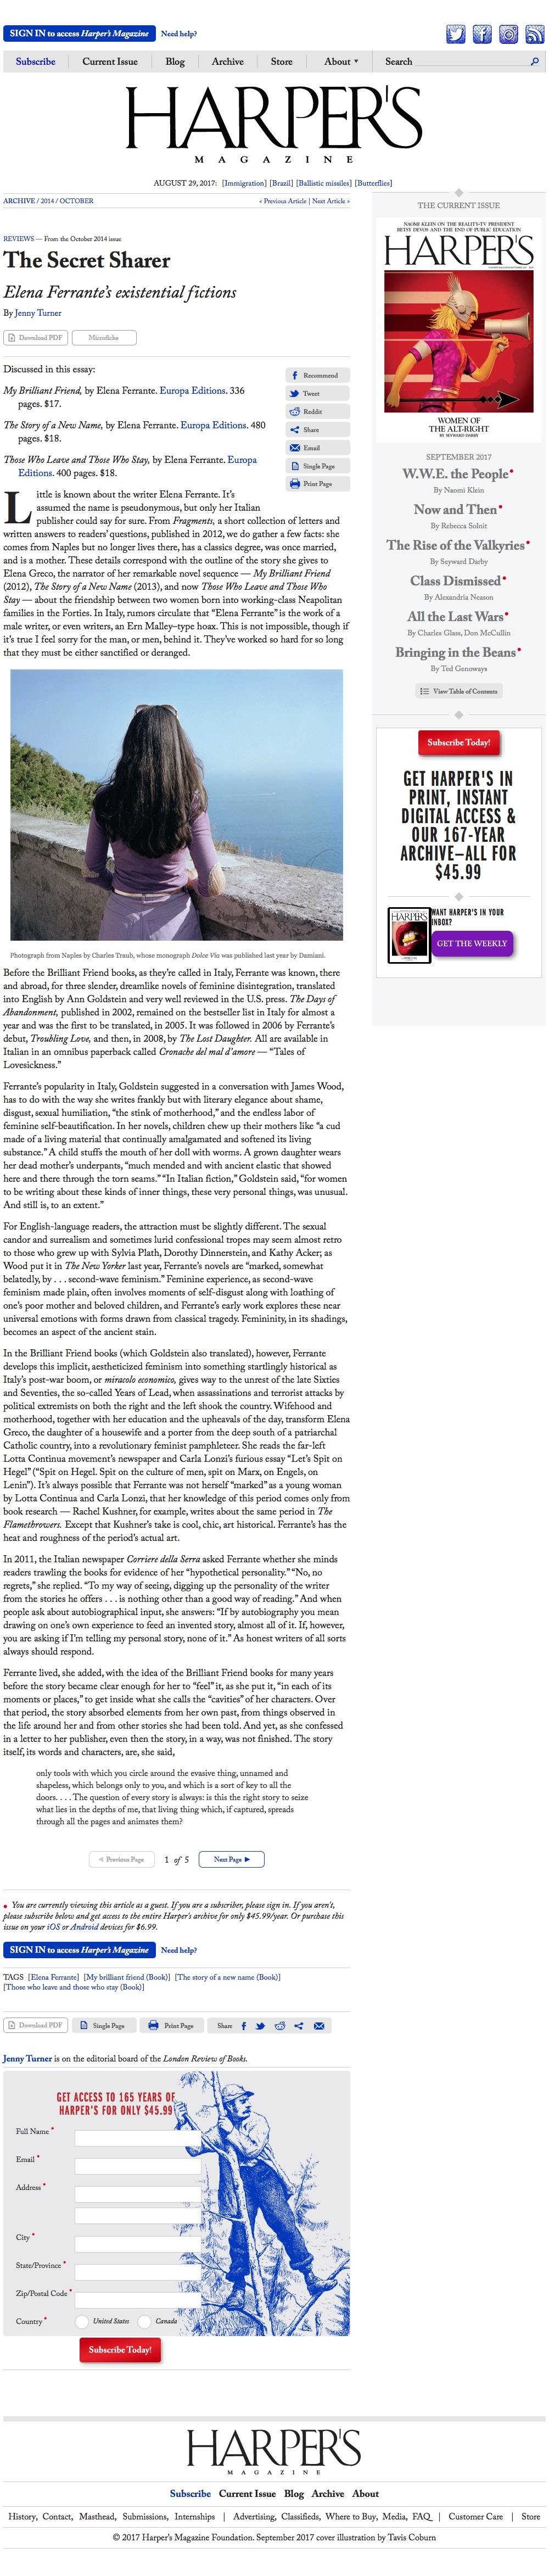 20141015 - Dolce Via mention - Harper's magazine[Reviews] | The Secret Sharer, by Jenny Turner | Harper's Magazine (2017-08-29 14-02-49).jpg